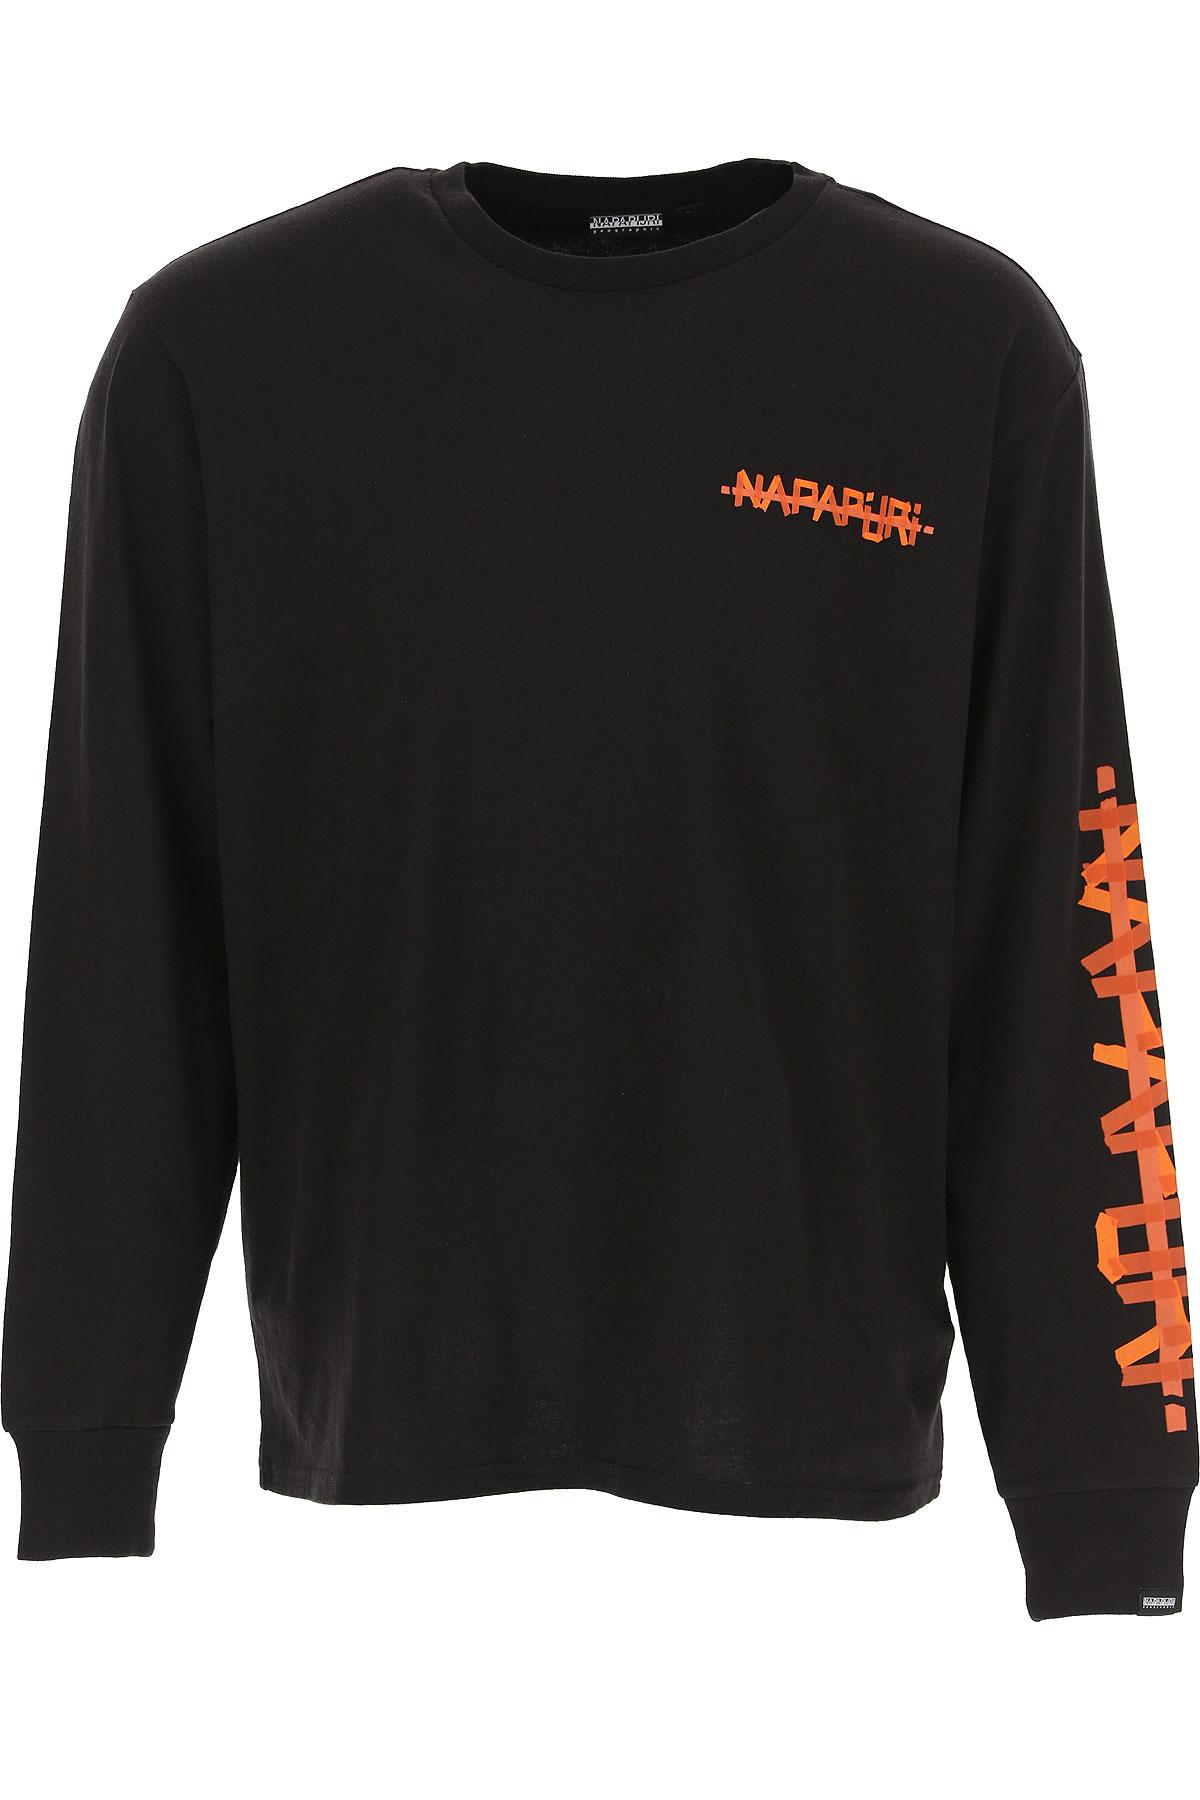 Napapijri T-Shirt for Men On Sale, Black, Cotton, 2019, M S